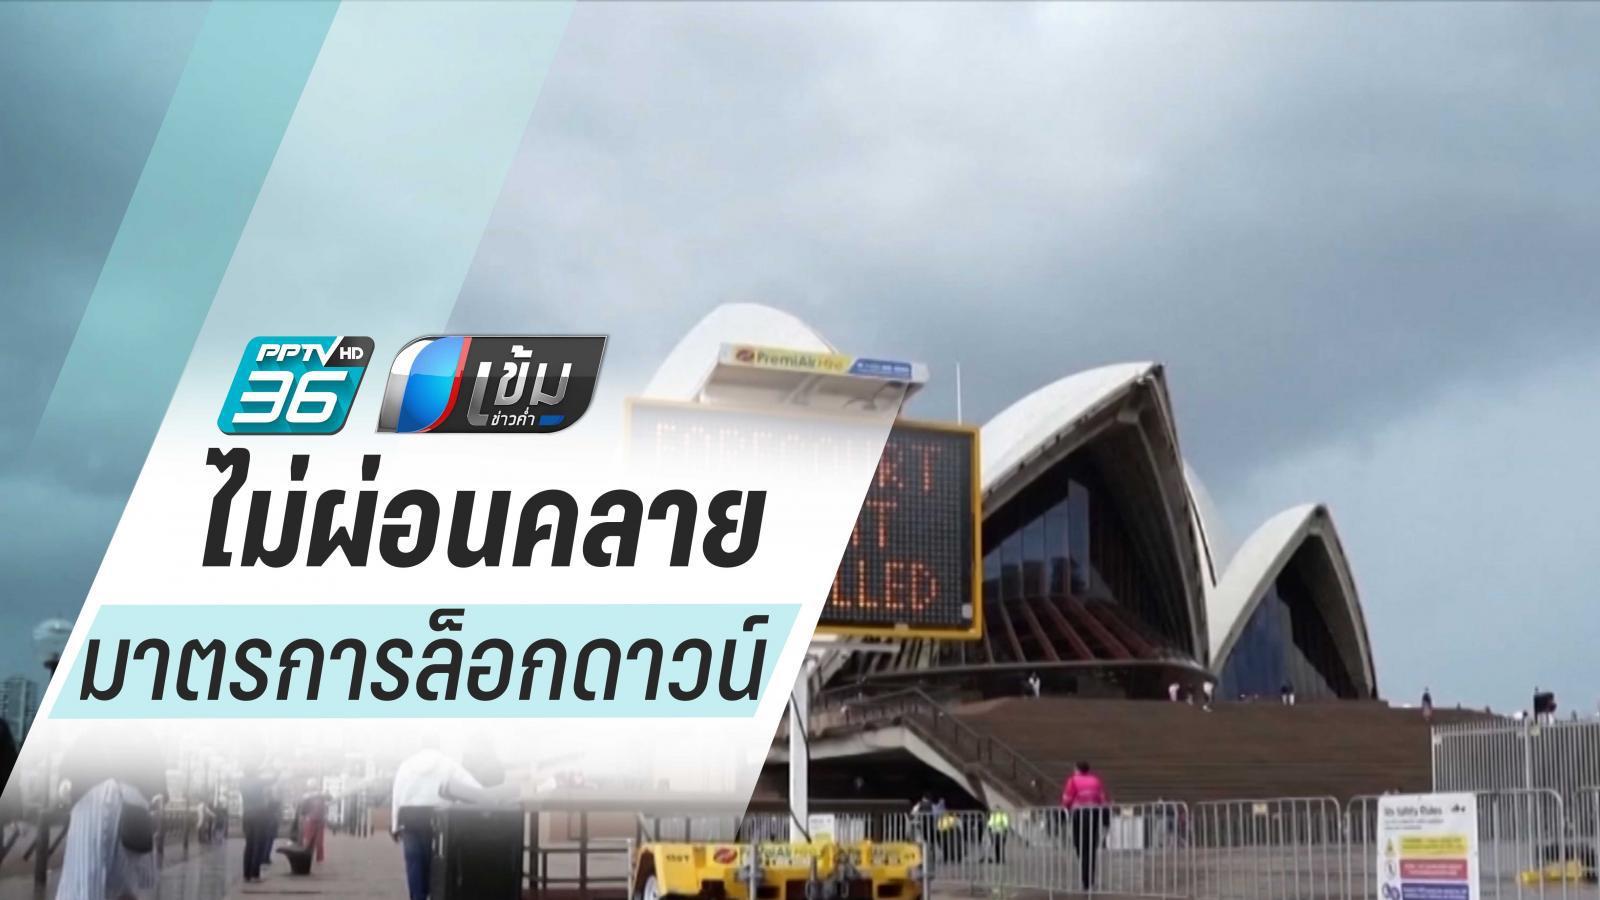 นิวซีแลนด์-ออสเตรเลีย ชี้ เร็วเกินไป ผ่อนคลายมาตรการล็อกดาวน์ แม้สถานการณ์ดีขึ้น